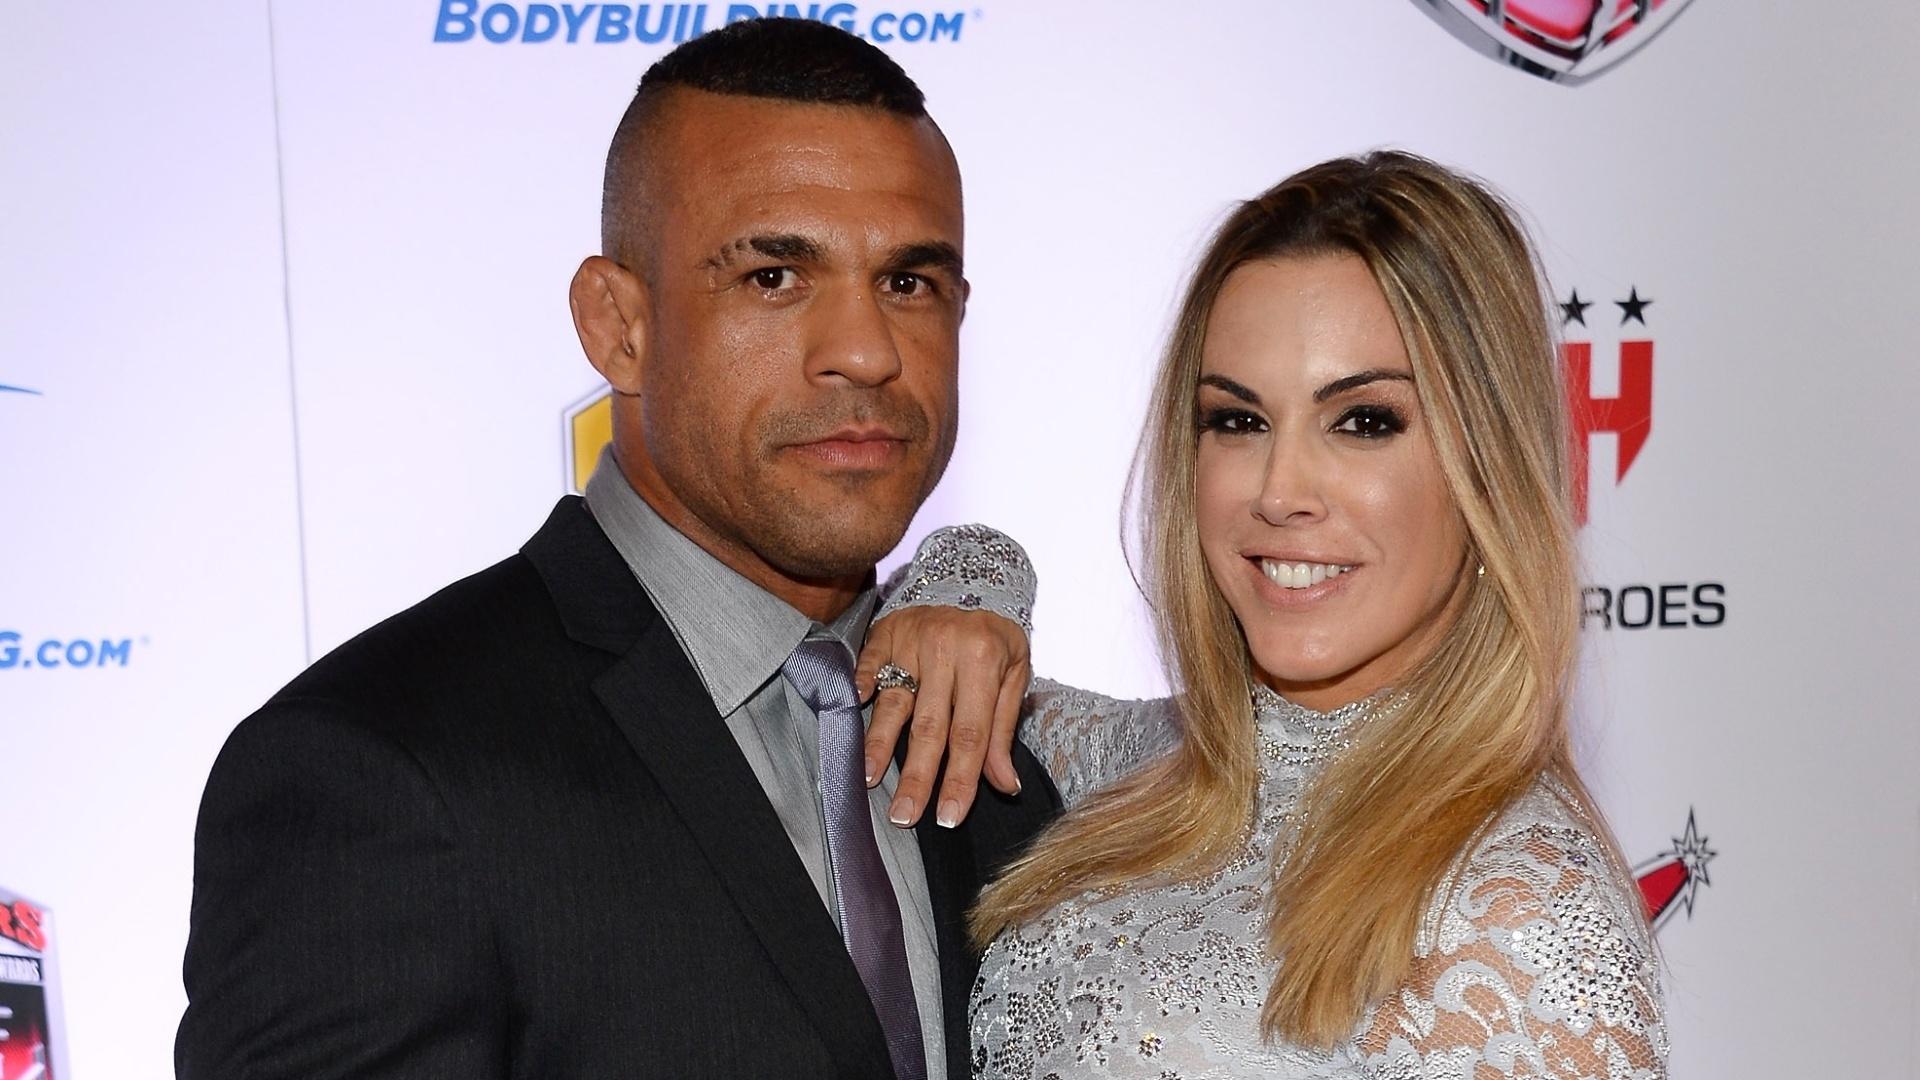 08.02.2014 - Vitor Belfort compareceu ao Oscar do MMA com sua esposa, Joana Prado